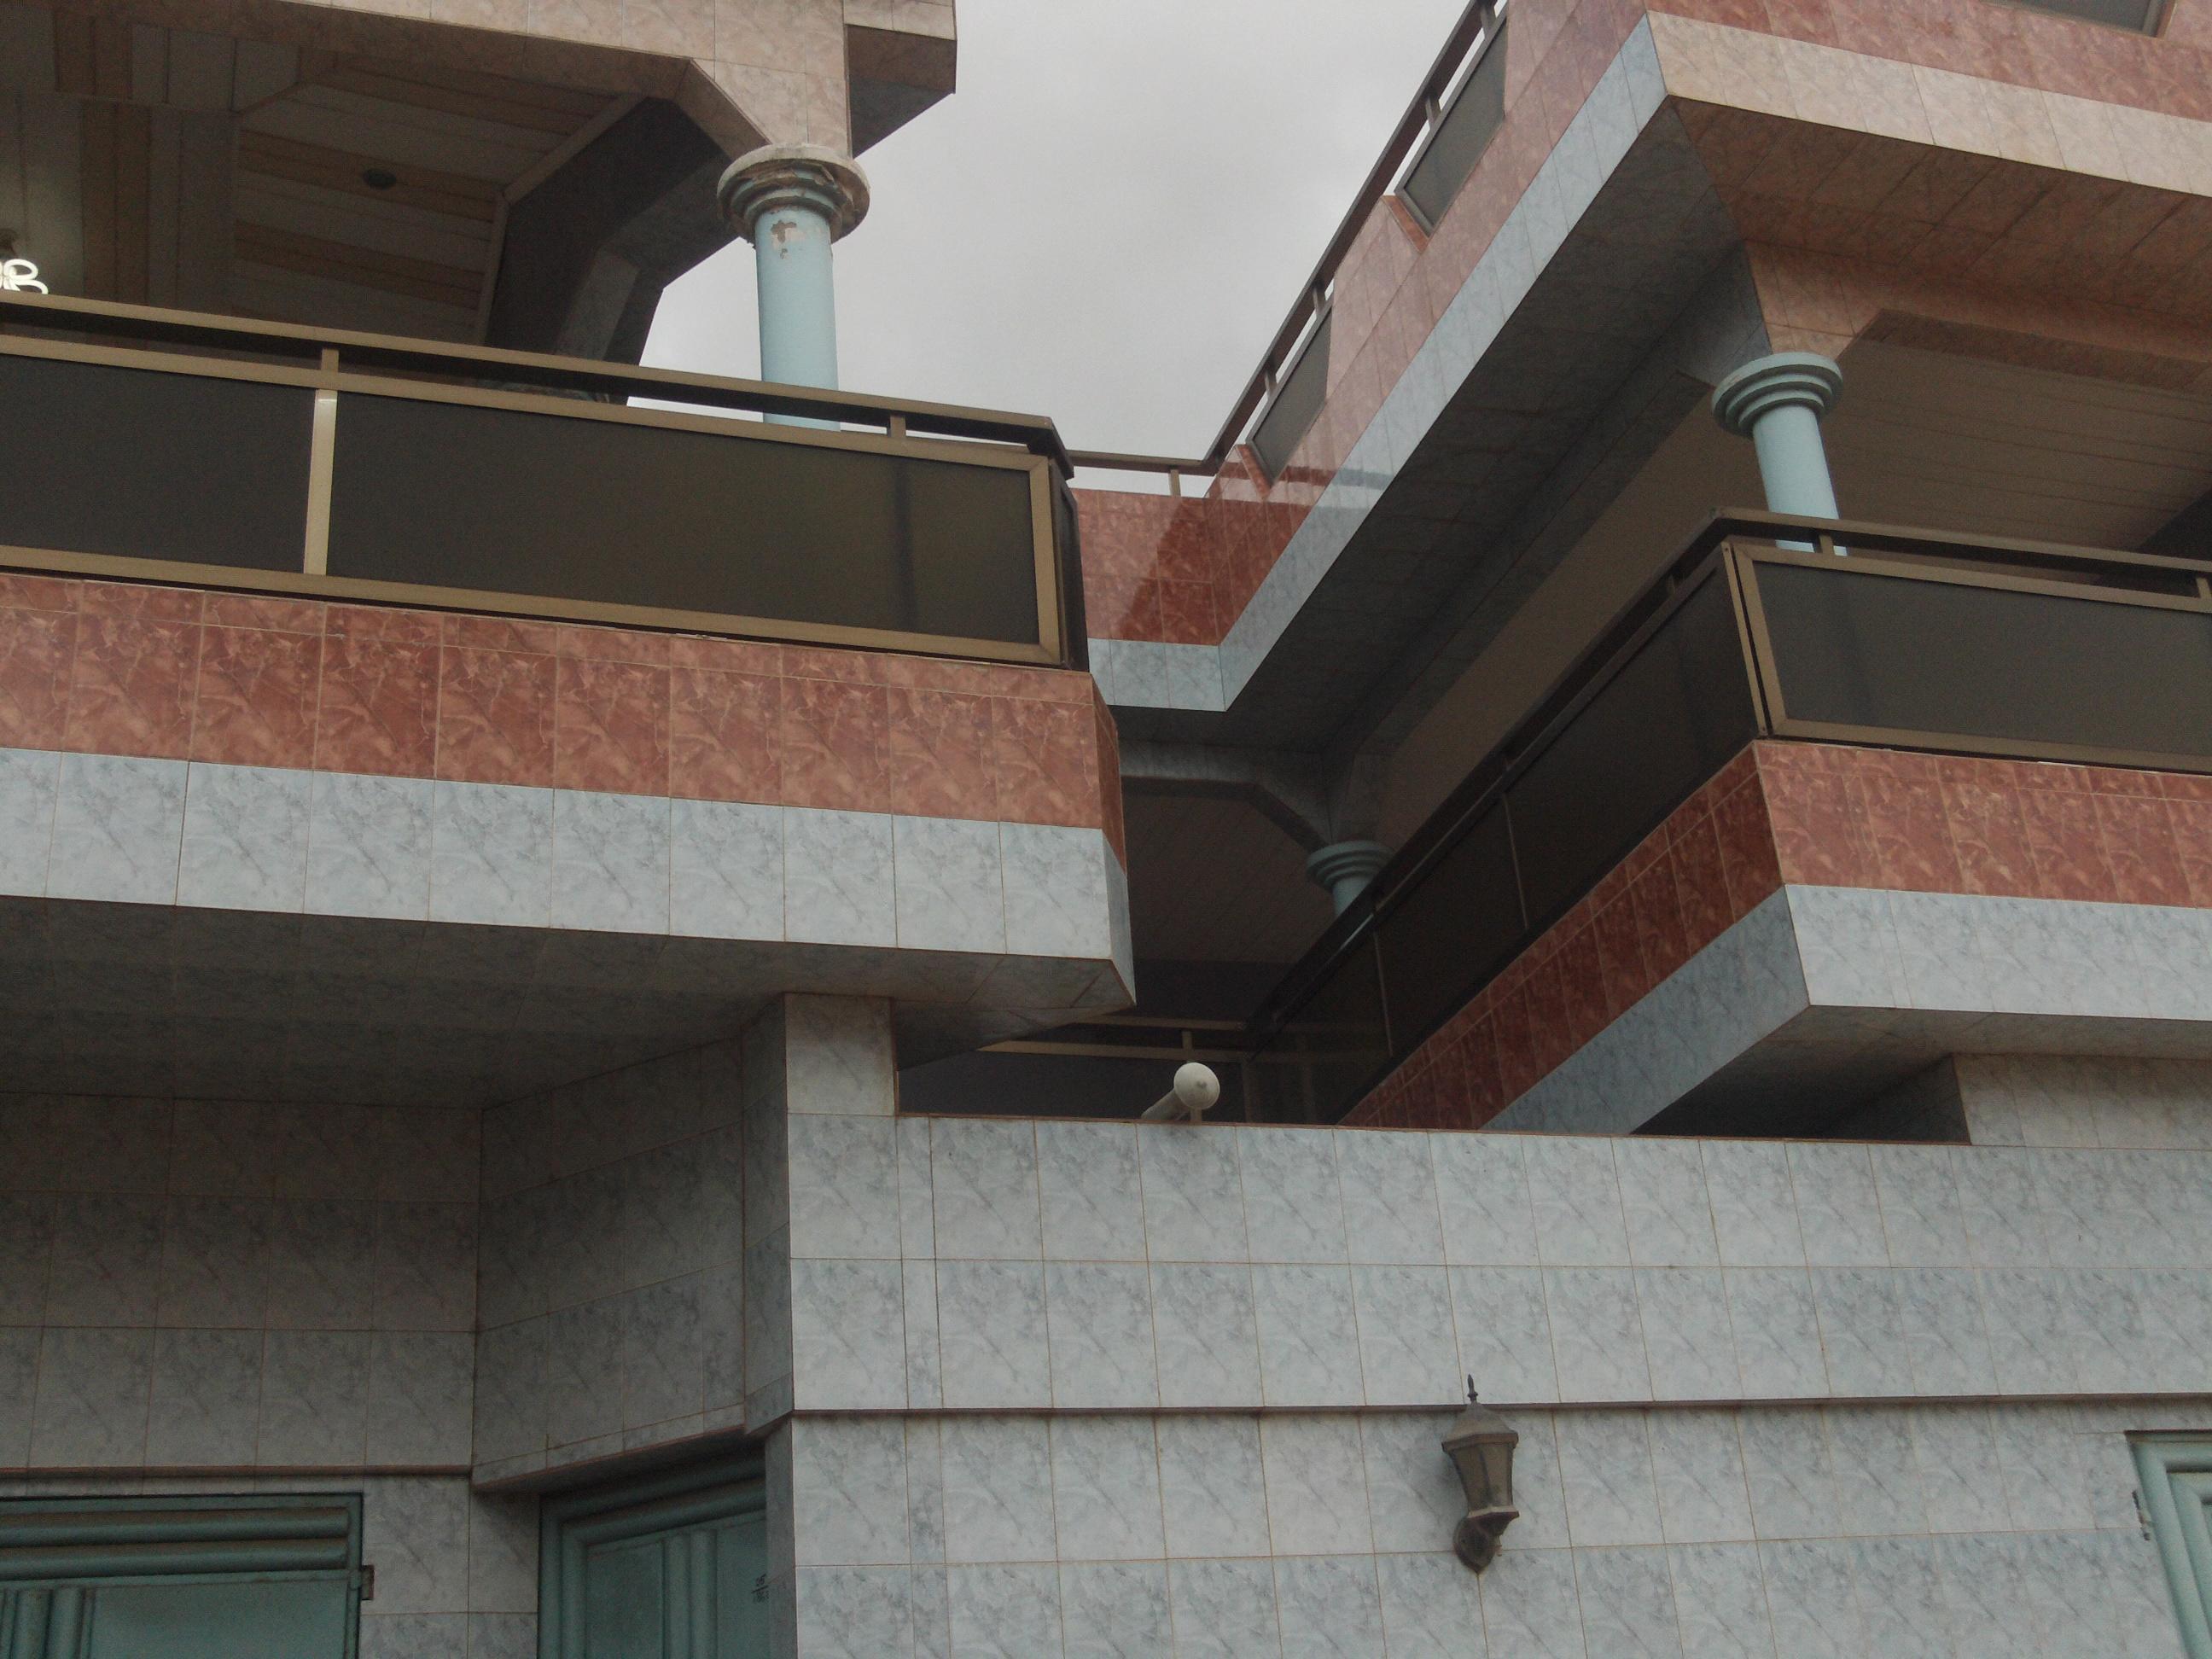 Maison a louer a adidogome pour cout moyen et long terme for Cout moyen renovation maison